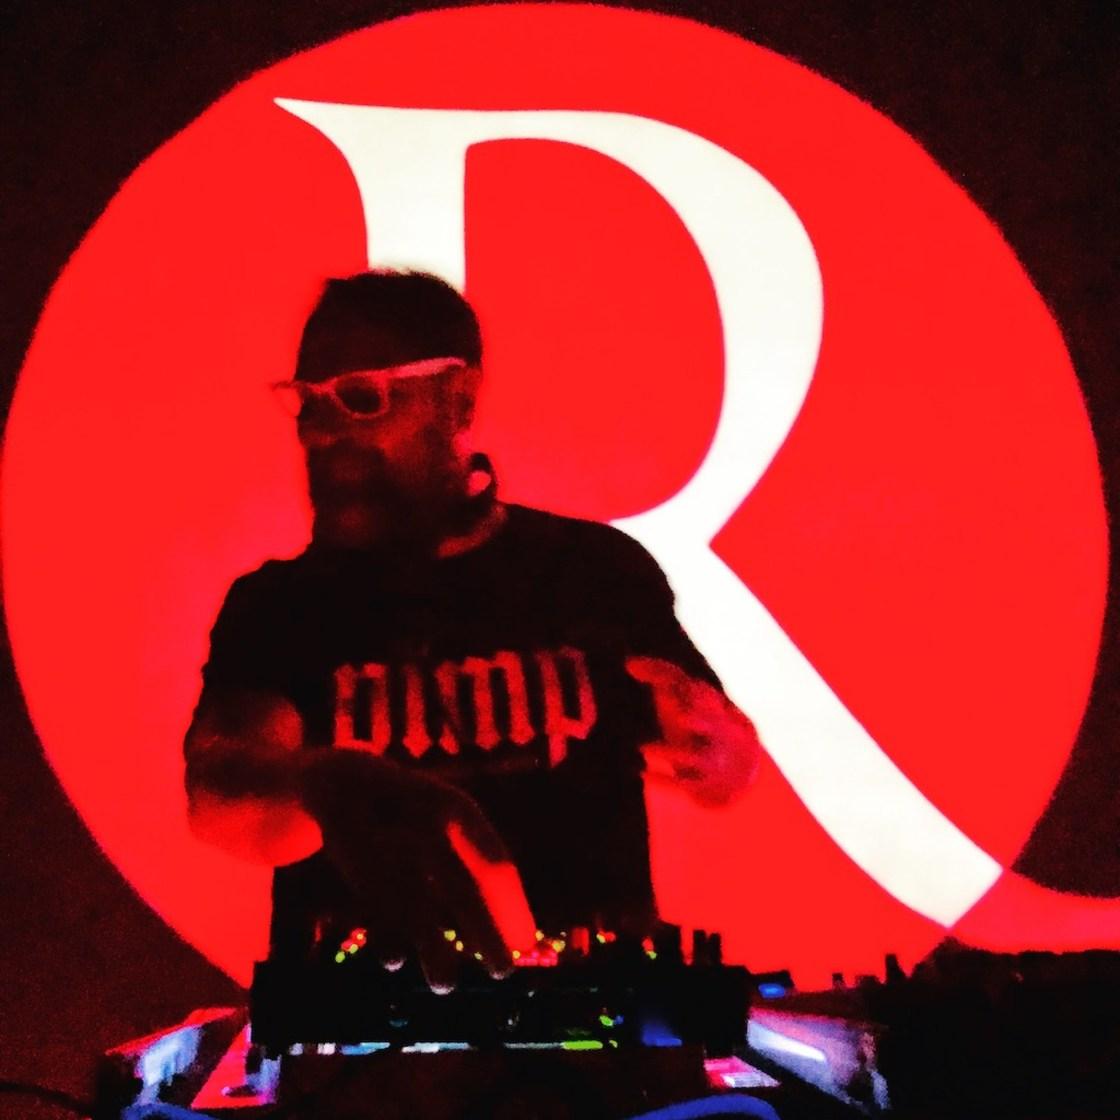 Let's have a Party (Boogie Pimps Remix)